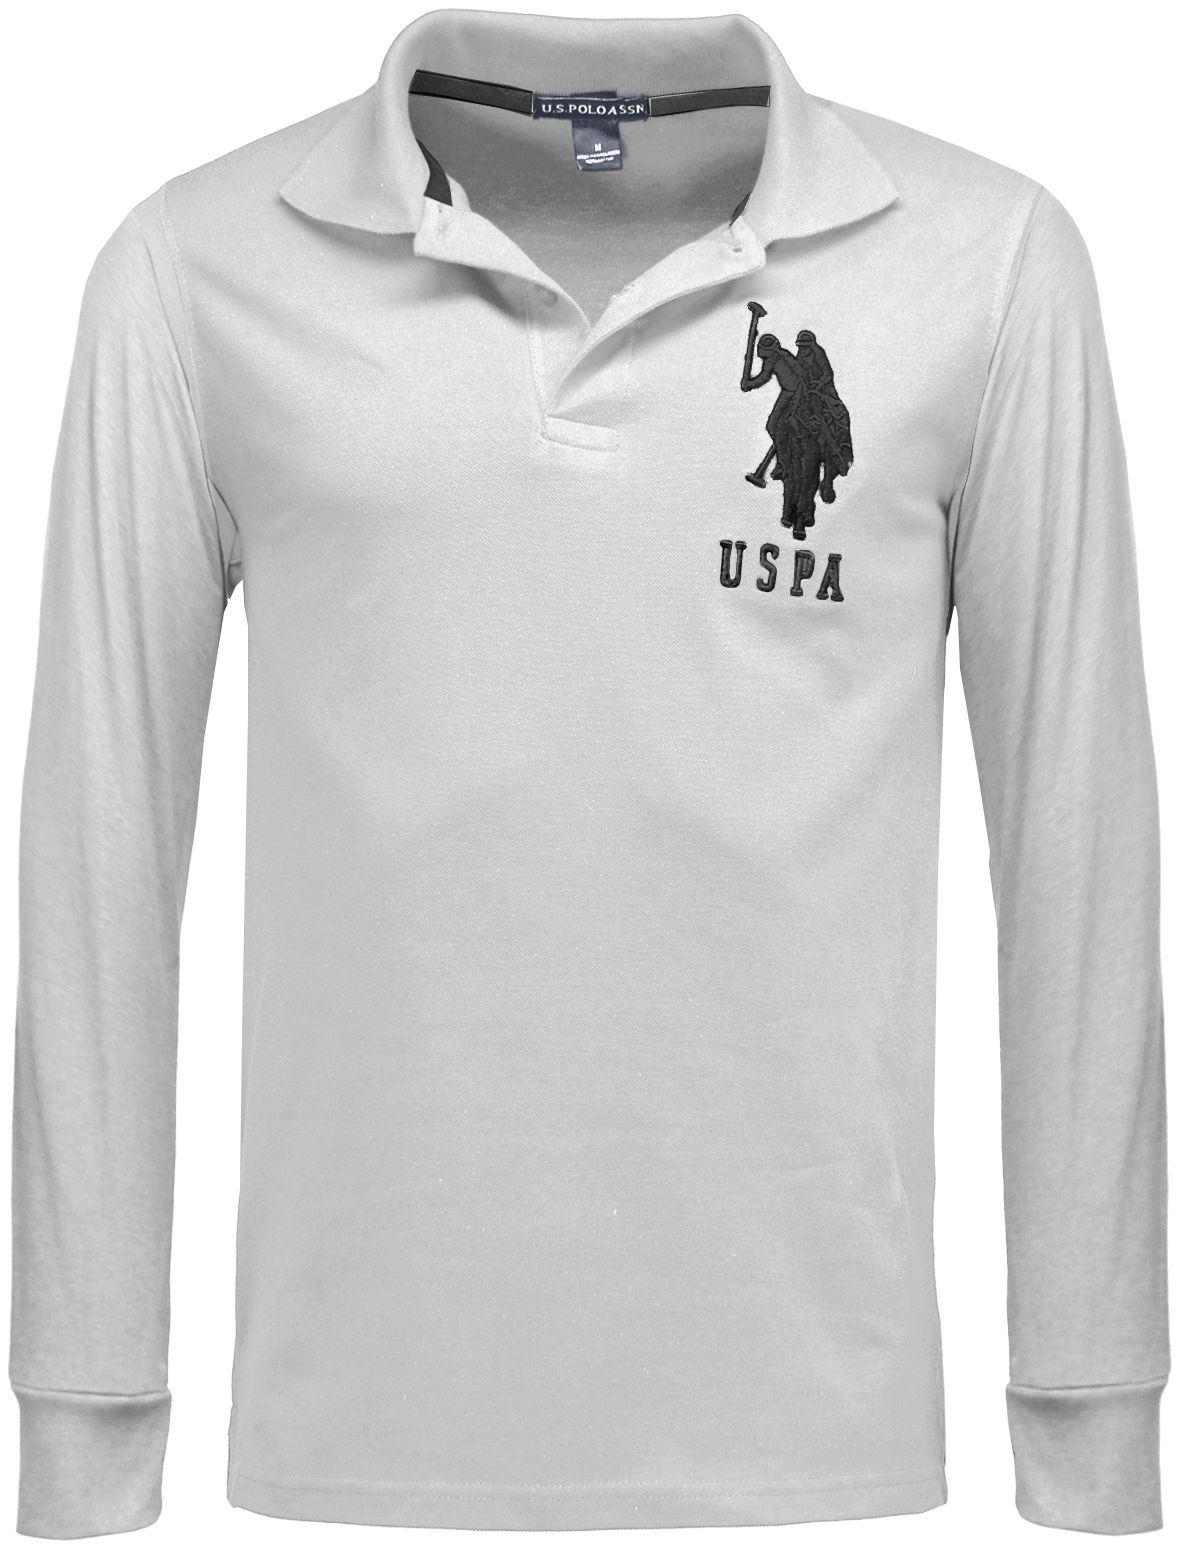 Mens us polo assn long sleeve top polo shirt pique for Mens long sleeve pique polo shirts